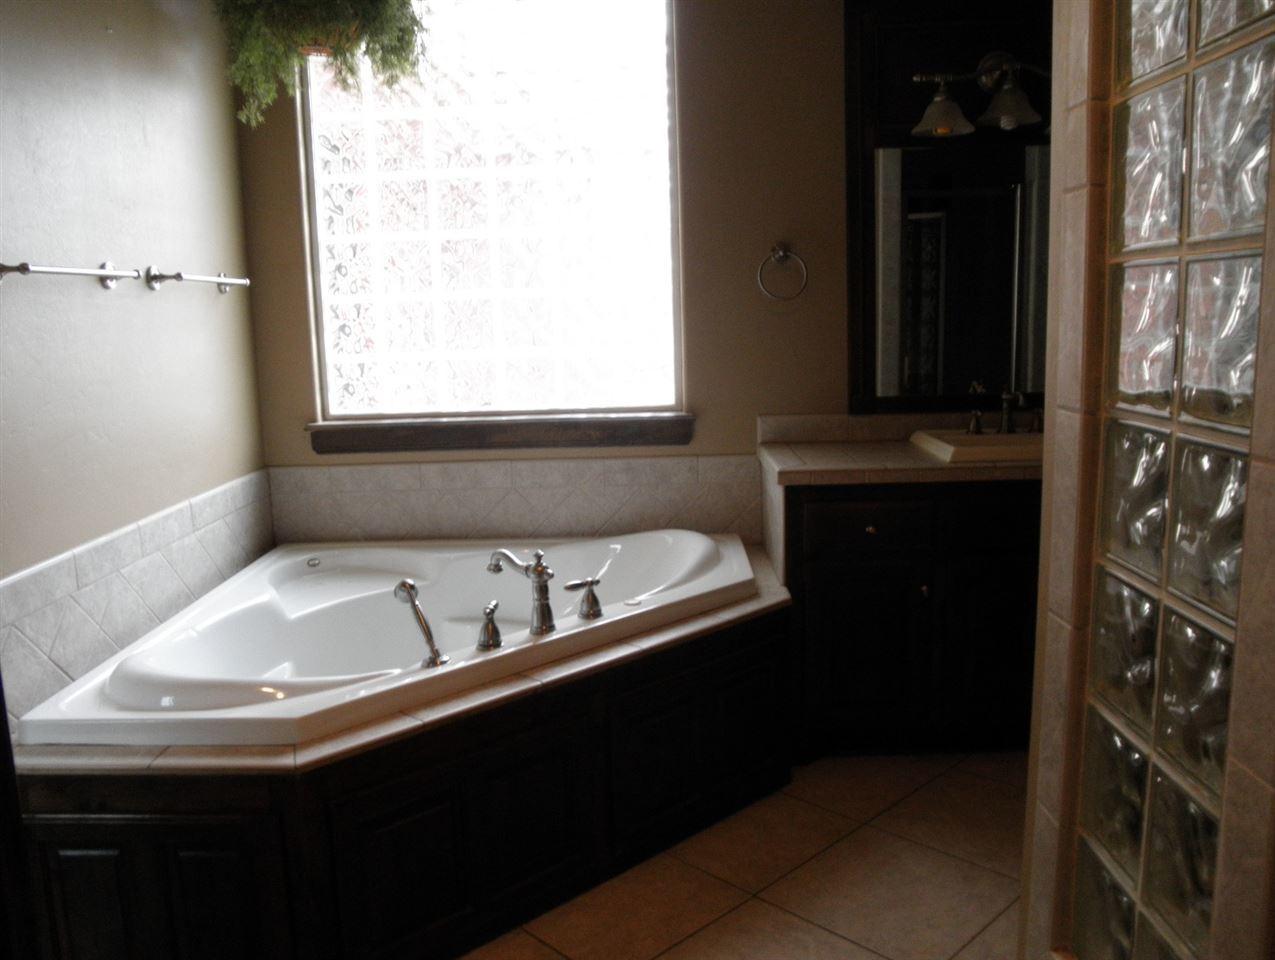 Sold Cross Sale W/ MLS | 2705 Mockingbird  Ponca City, OK 74604 24